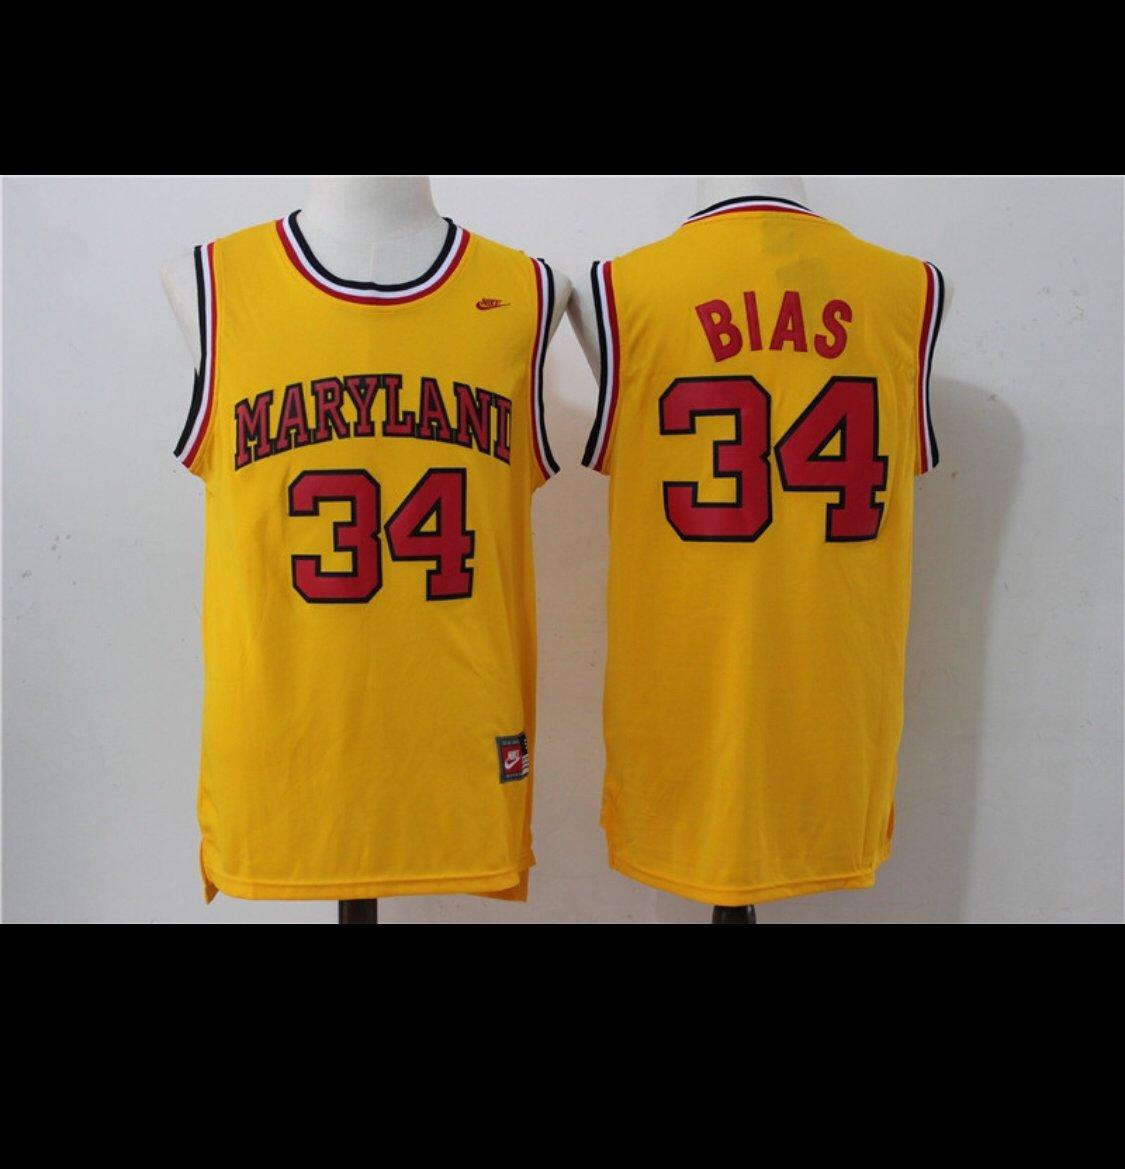 newest d1b45 3f7da Len bias Maryland jersey